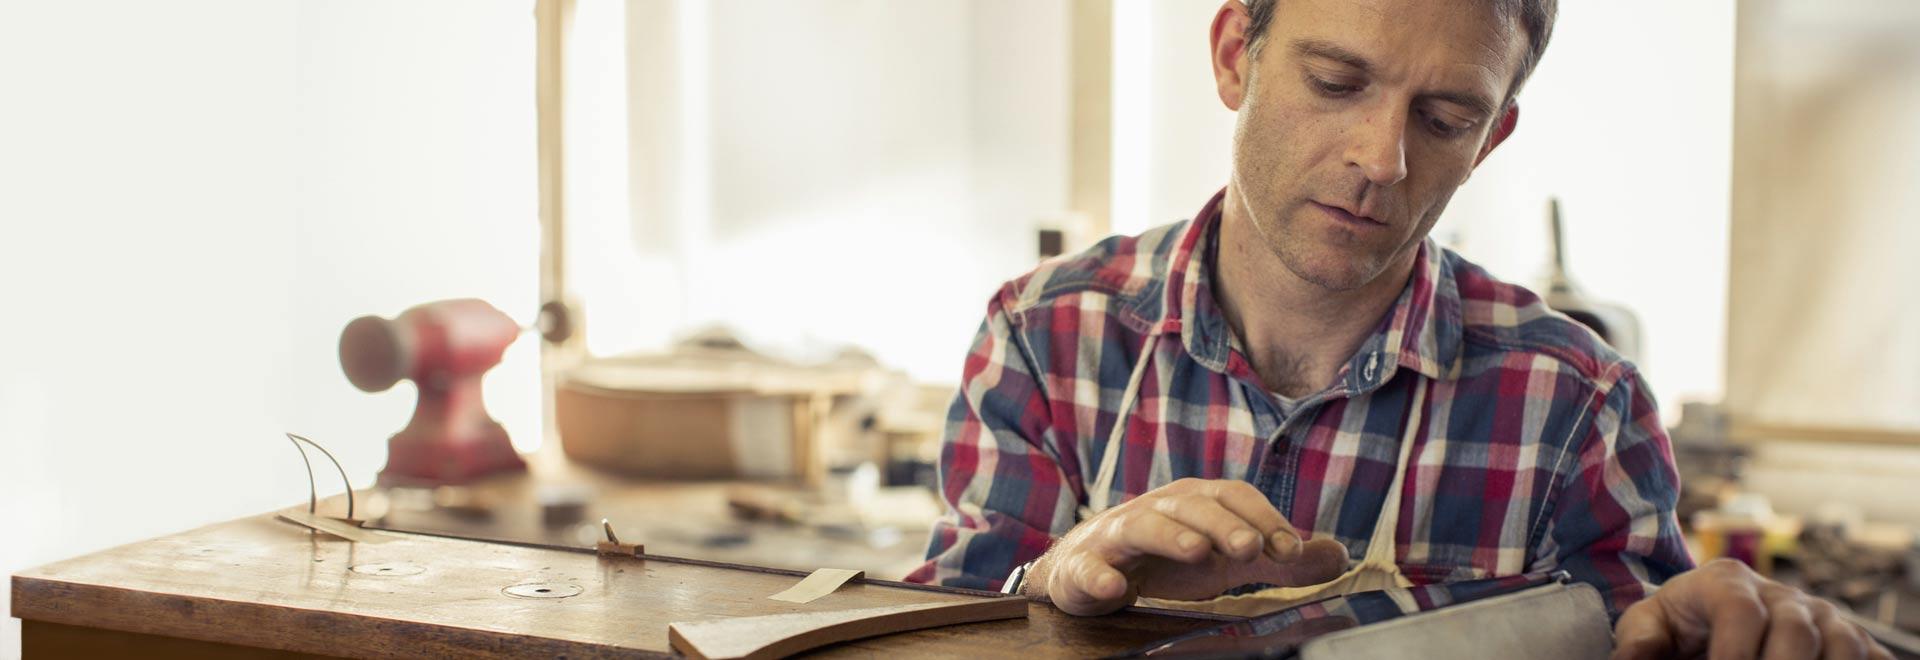 Ein Mann in einer Werkstatt, der Office 365 Business auf einem Tablet nutzt